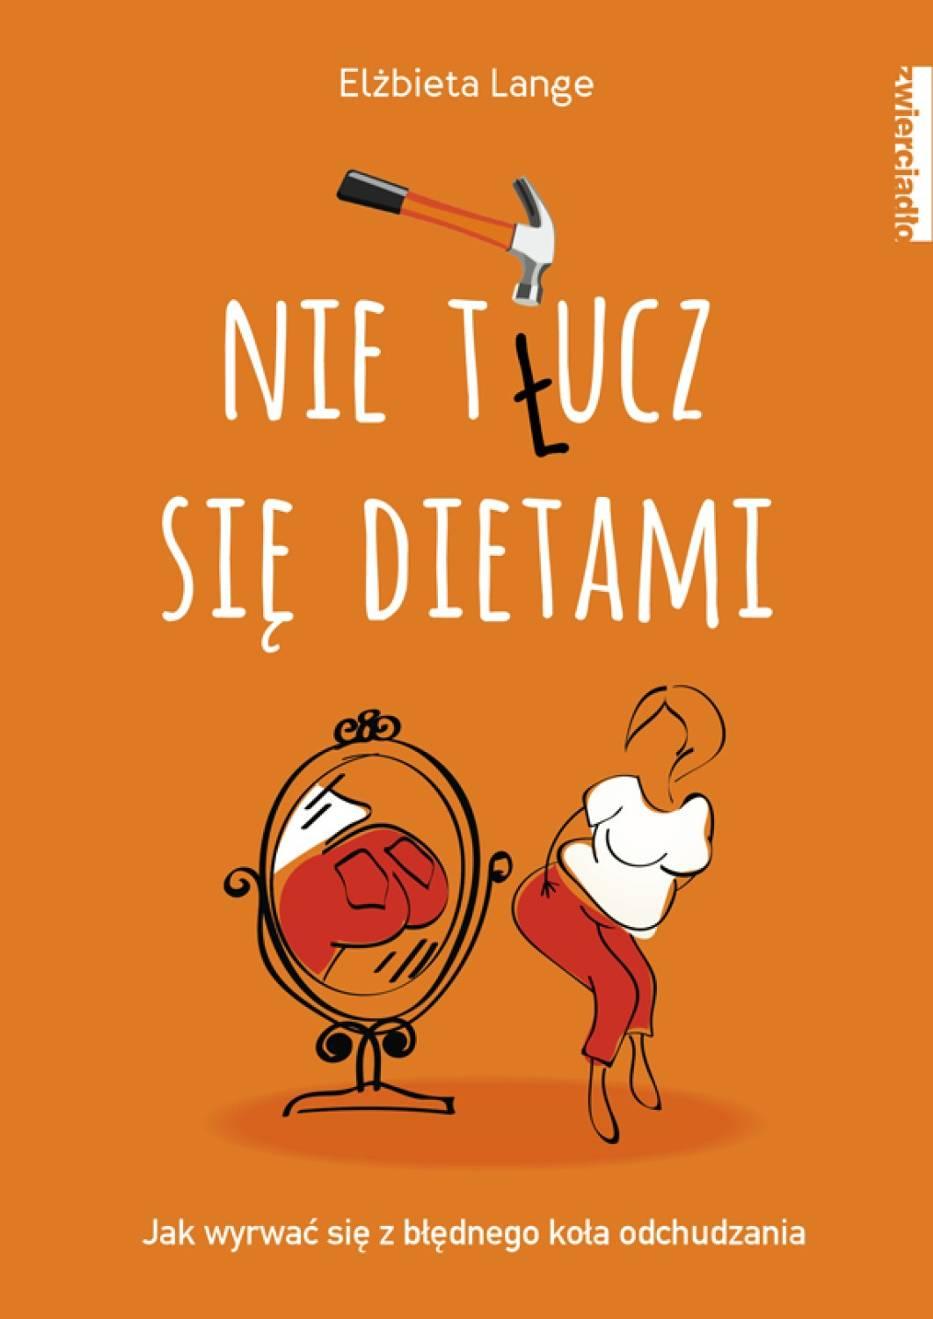 Elżbieta Lange, Nie t(ł)ucz się dietami